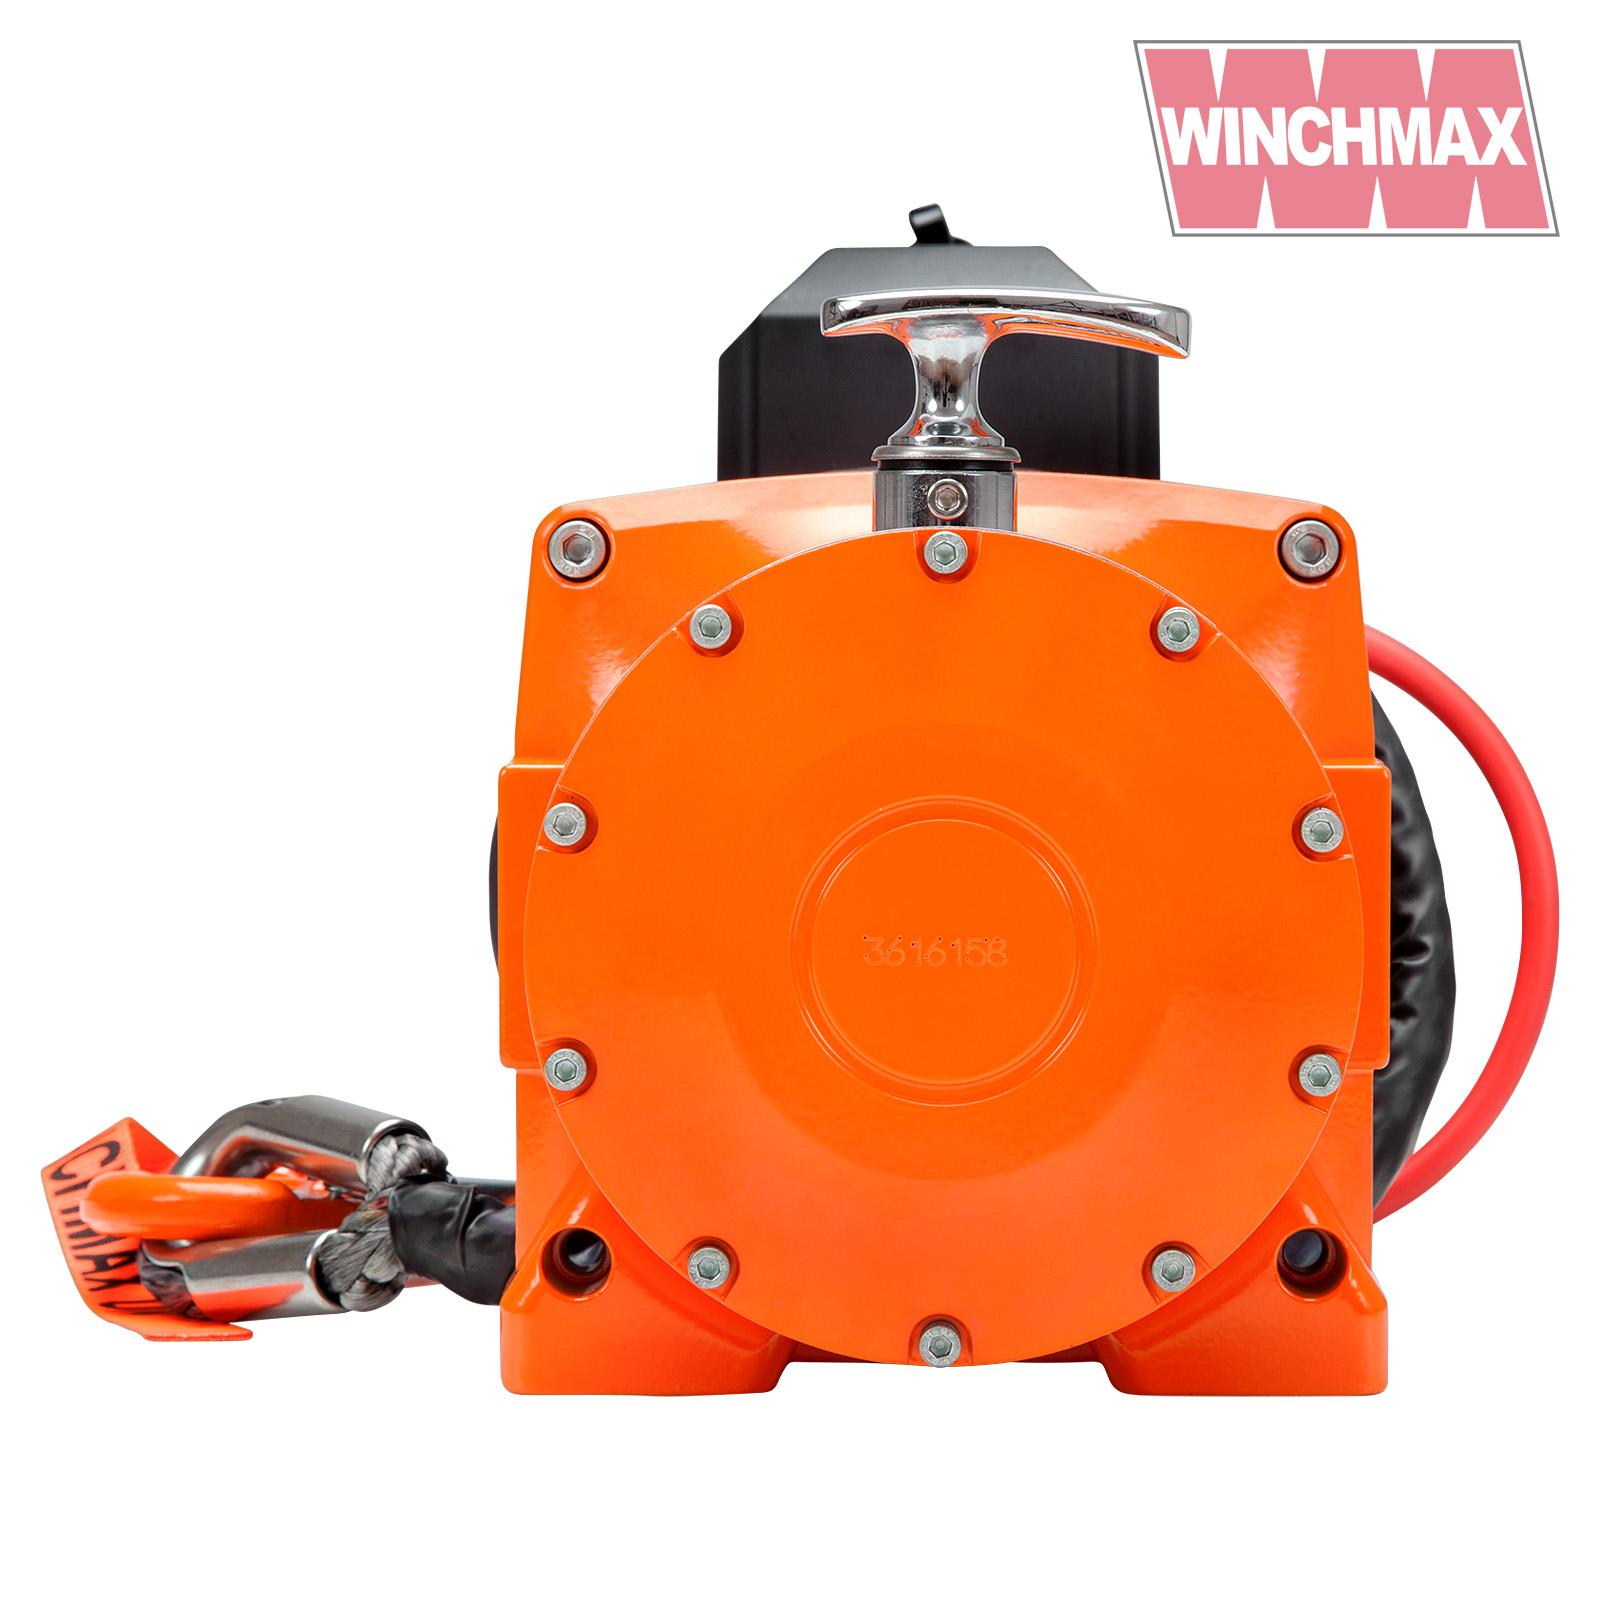 Wm1700012vrs winchmax 072